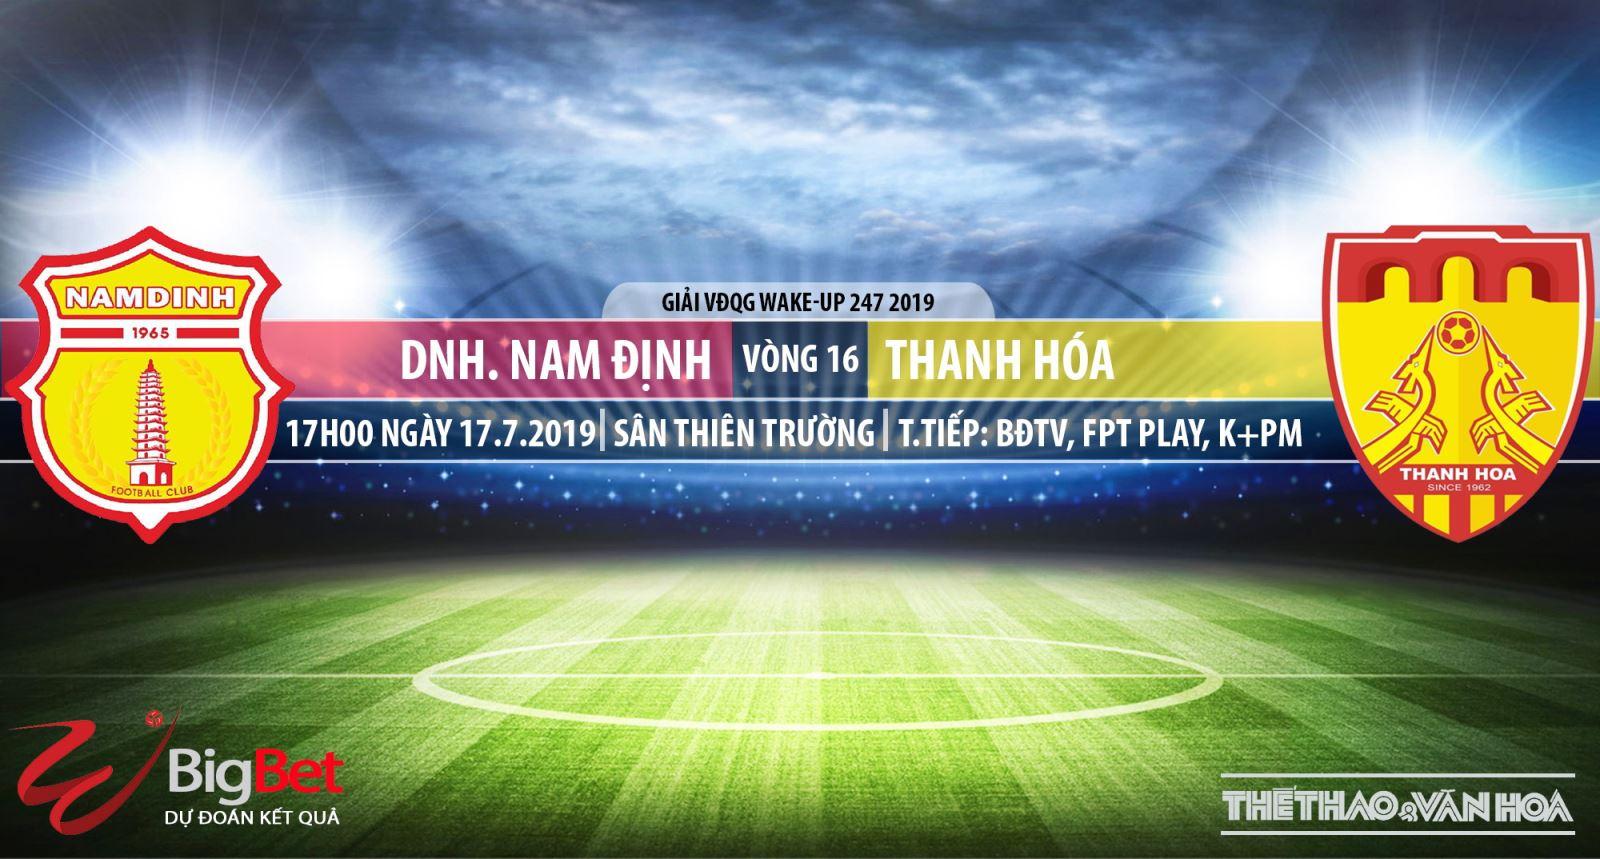 SLNA vs Sài Gòn, Hà Nội vs HAGL, Quảng Nam vs Hải Phòng, soi kèo bóng đá, nhận định, trực tiếp bóng đá, lịch thi đấu bóng đá hôm nay, v league 2019,  VTV6, BĐTV, TTTV, FPT Play, HTV Thể thao